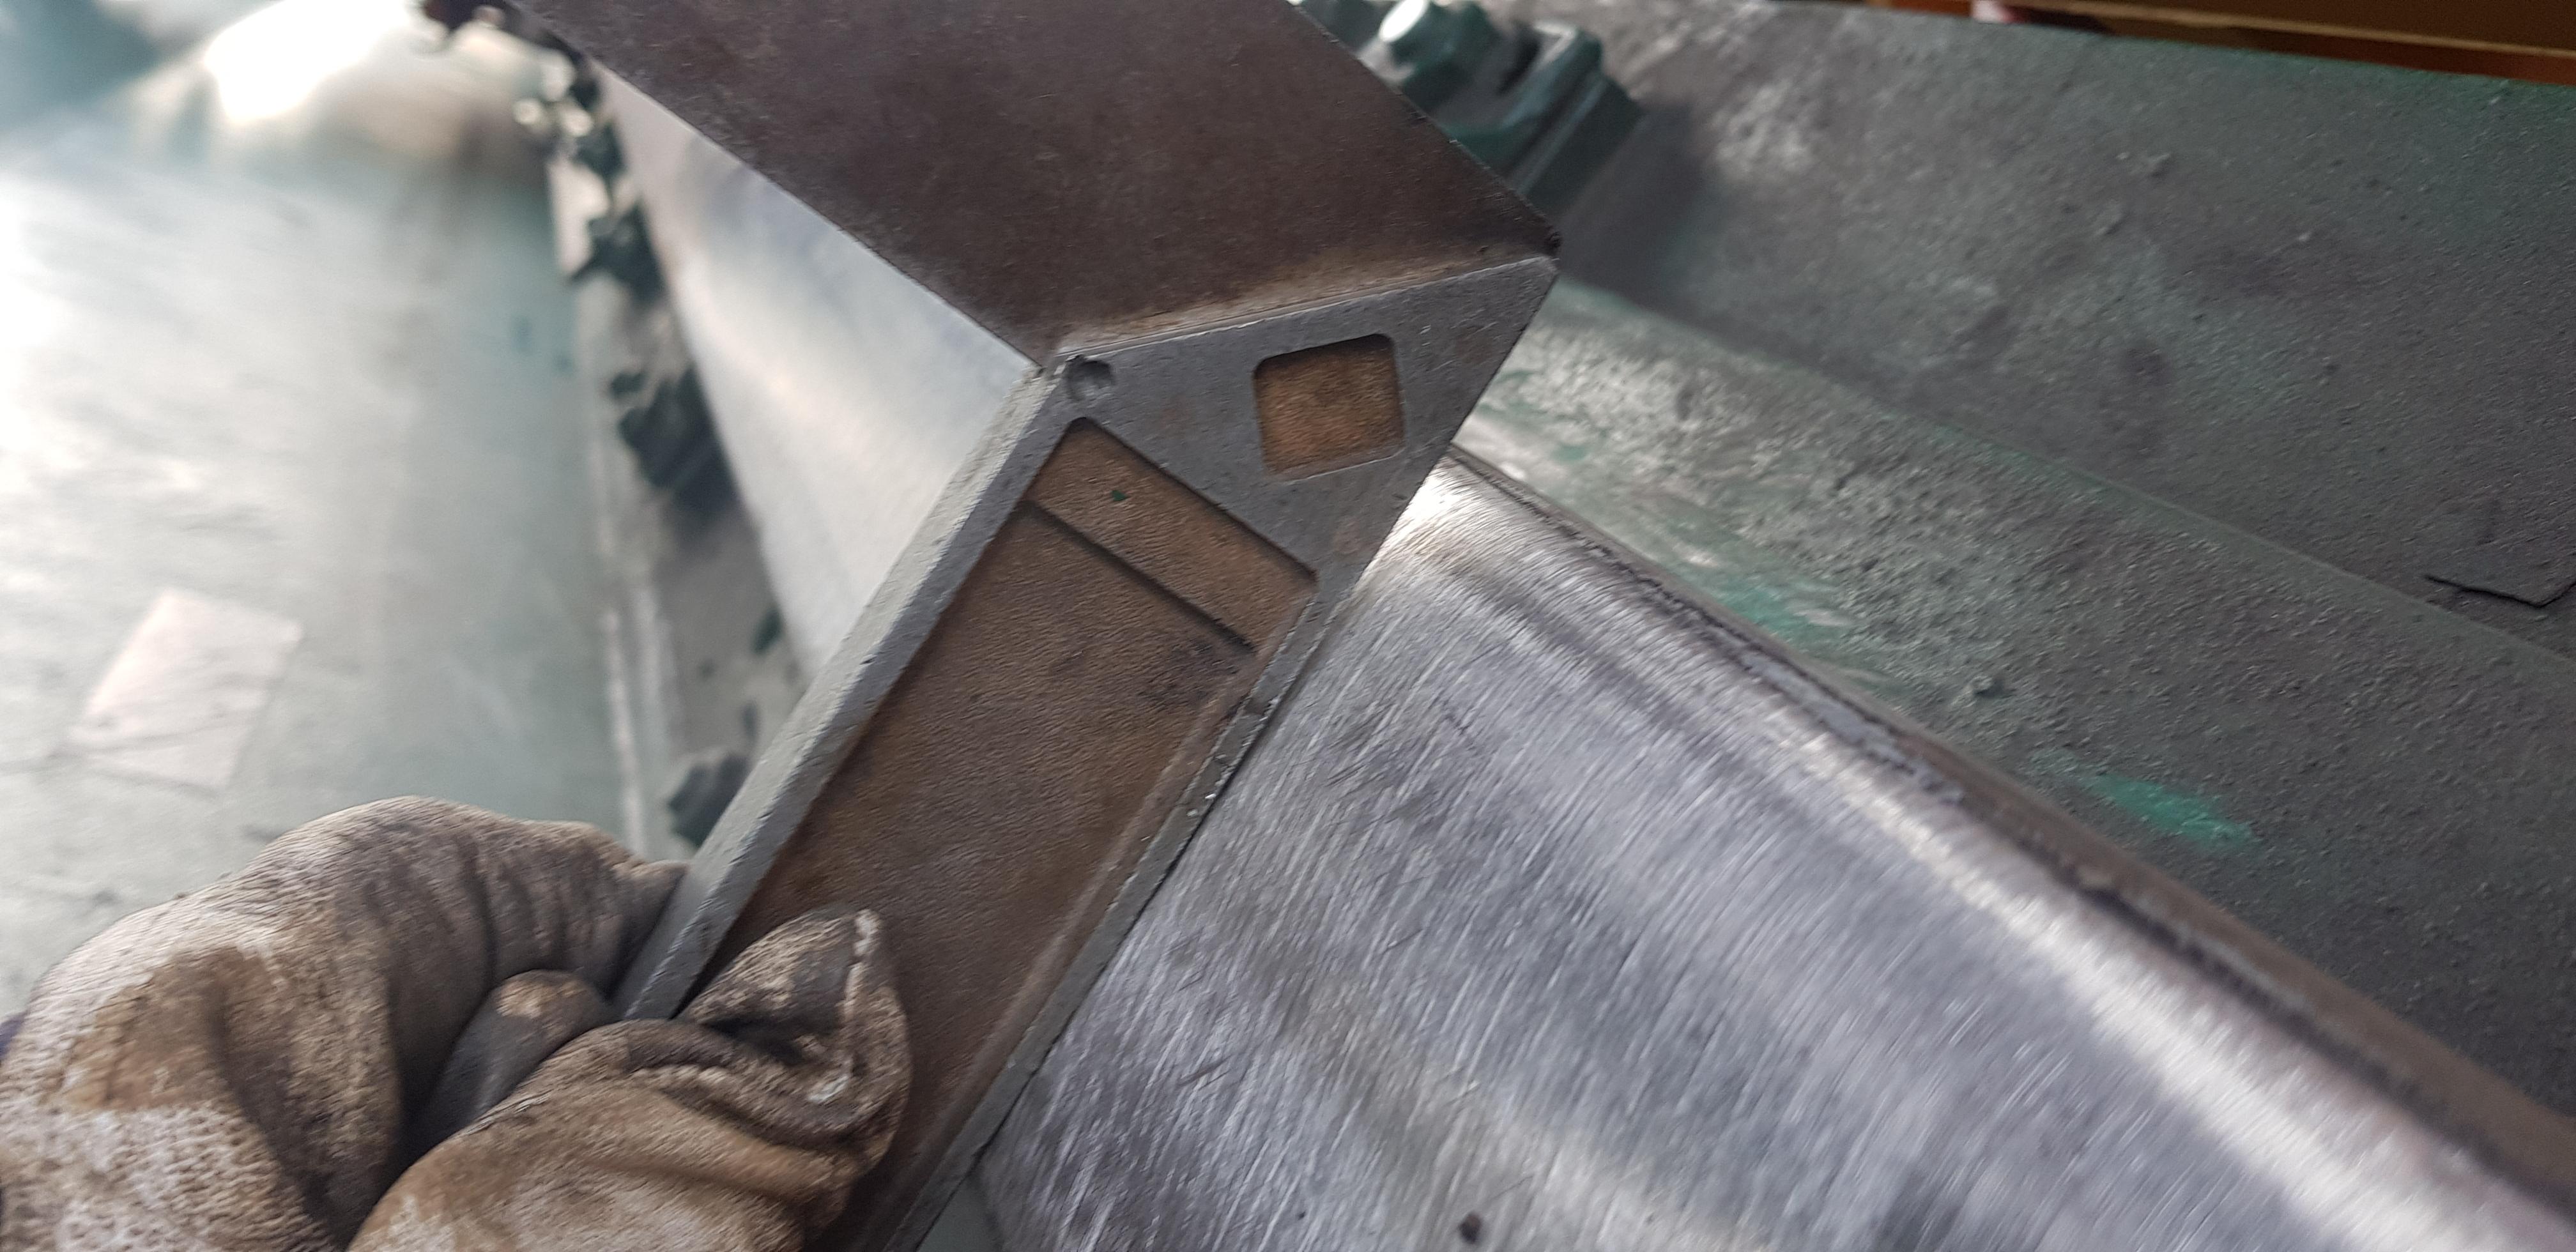 STS Crane Trolley Rail weld repair – Starkon